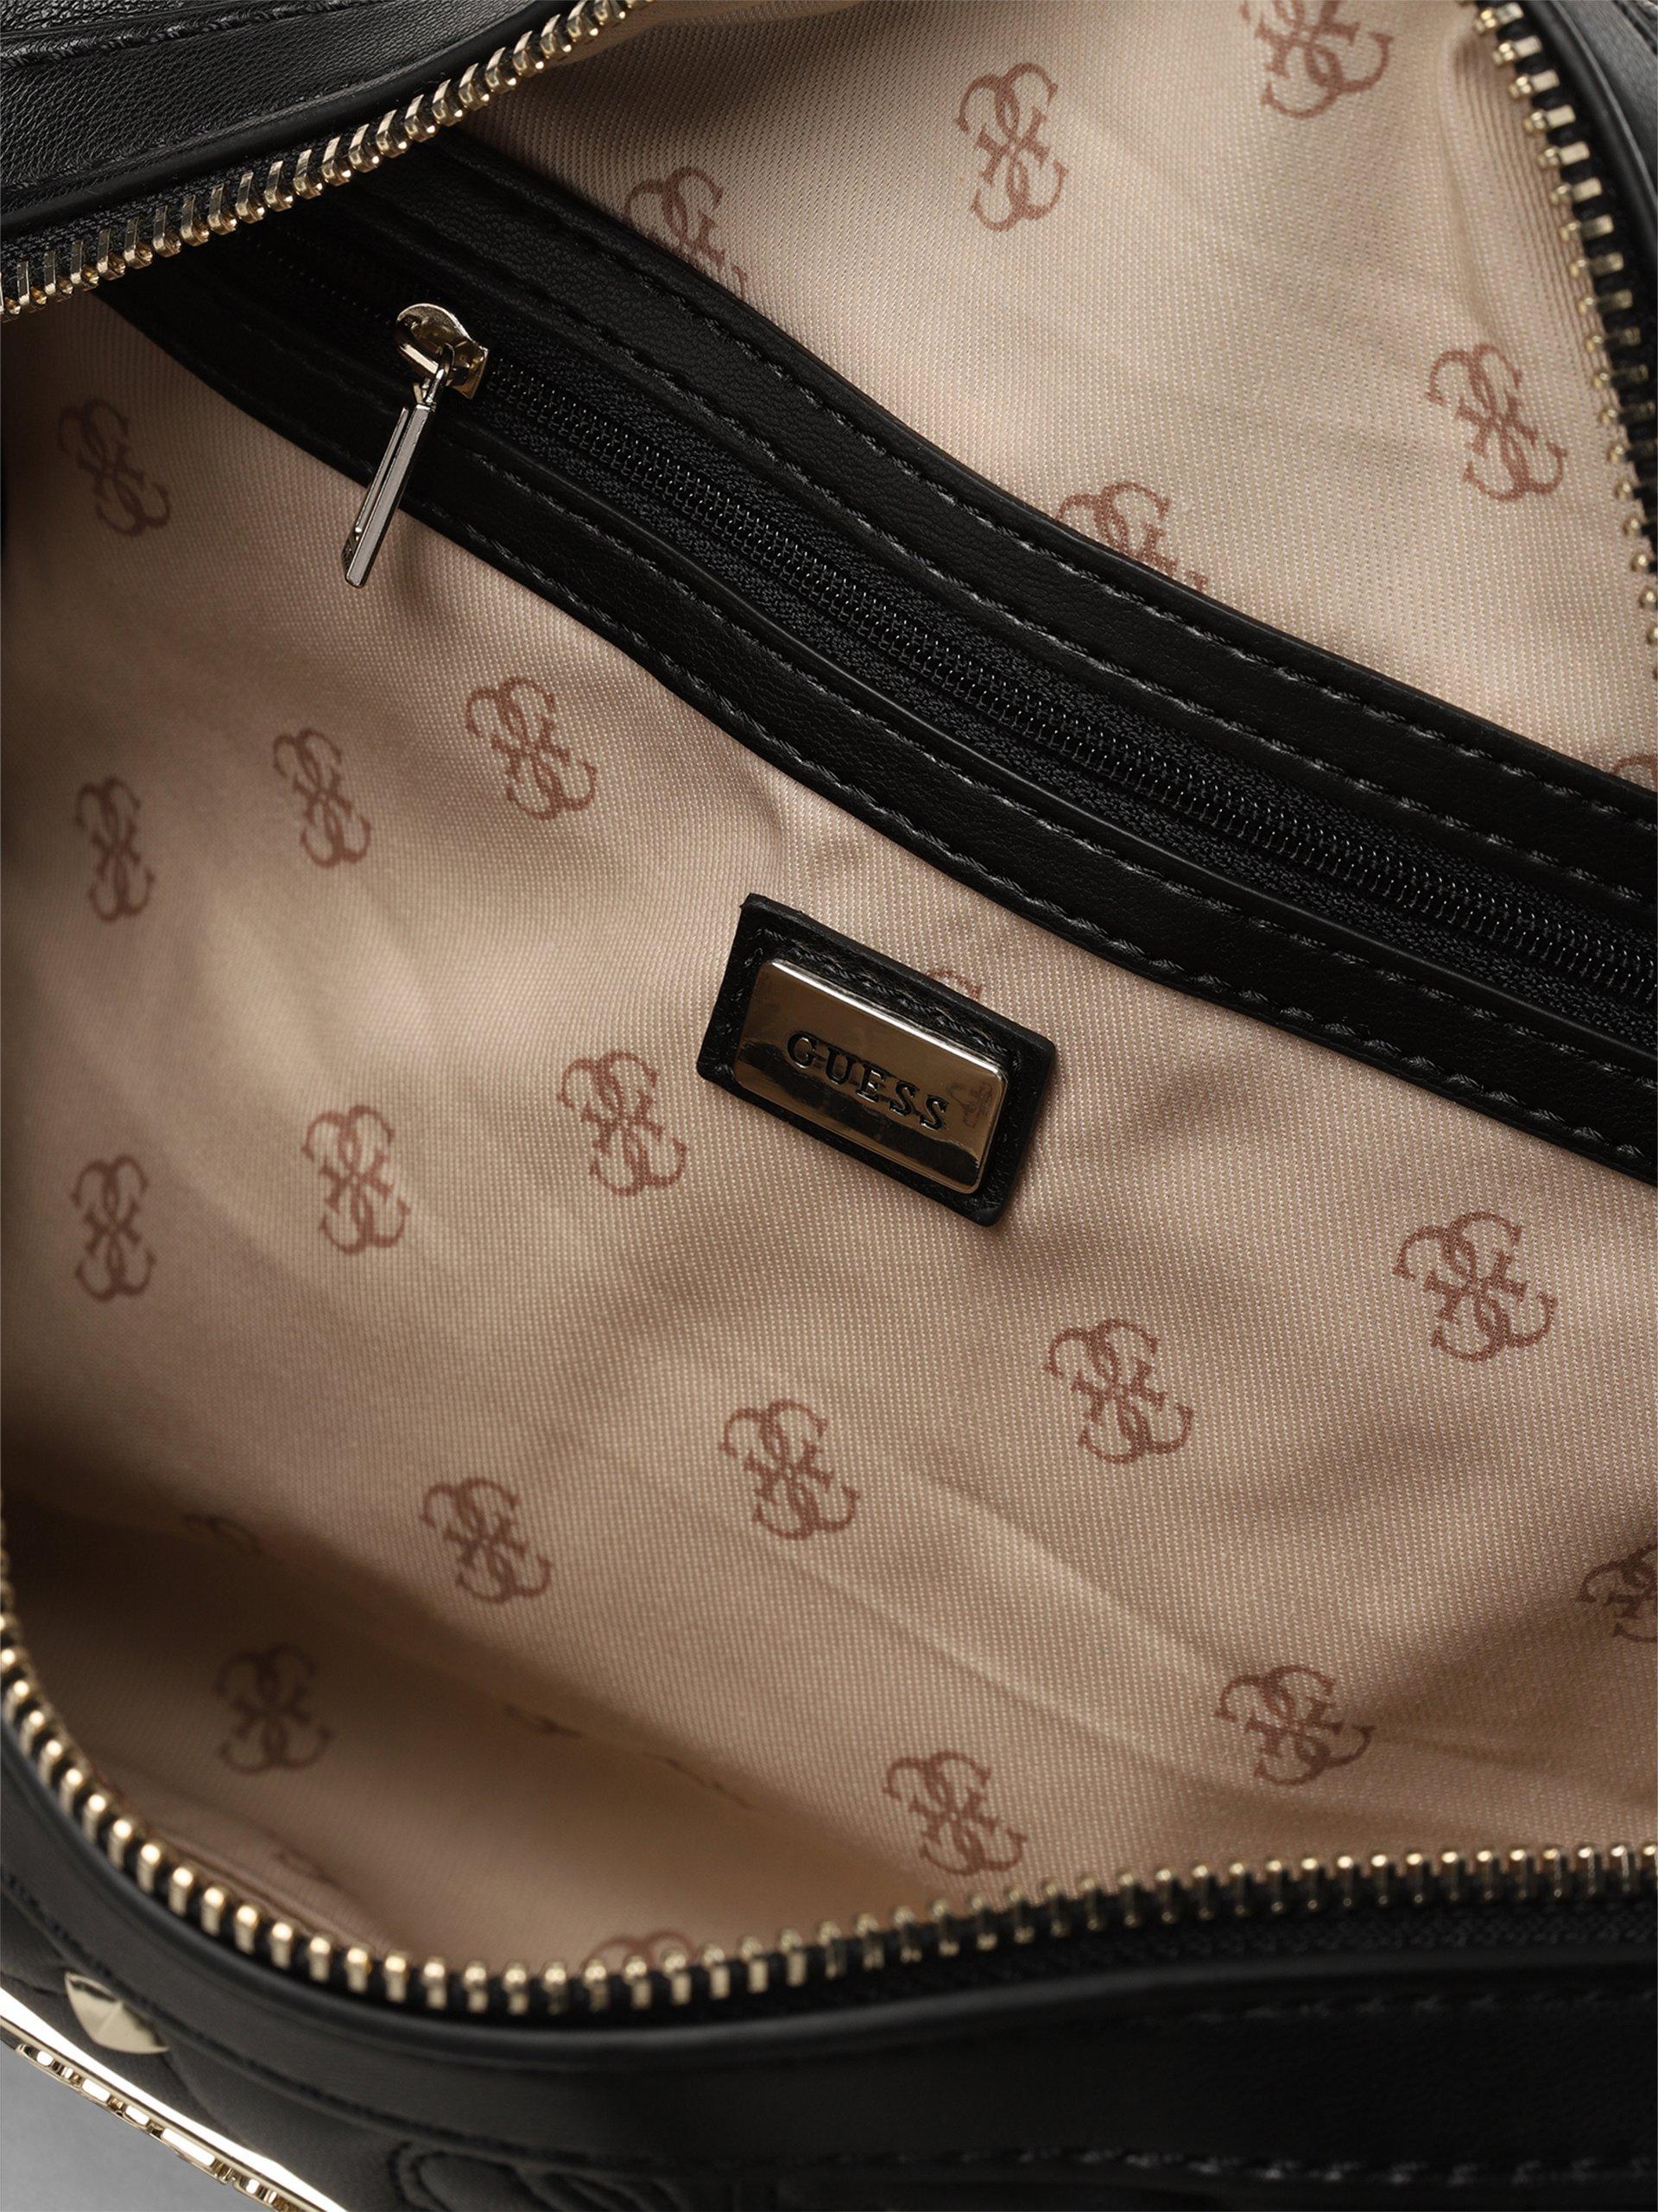 Guess Jeans Damska torebka na ramię